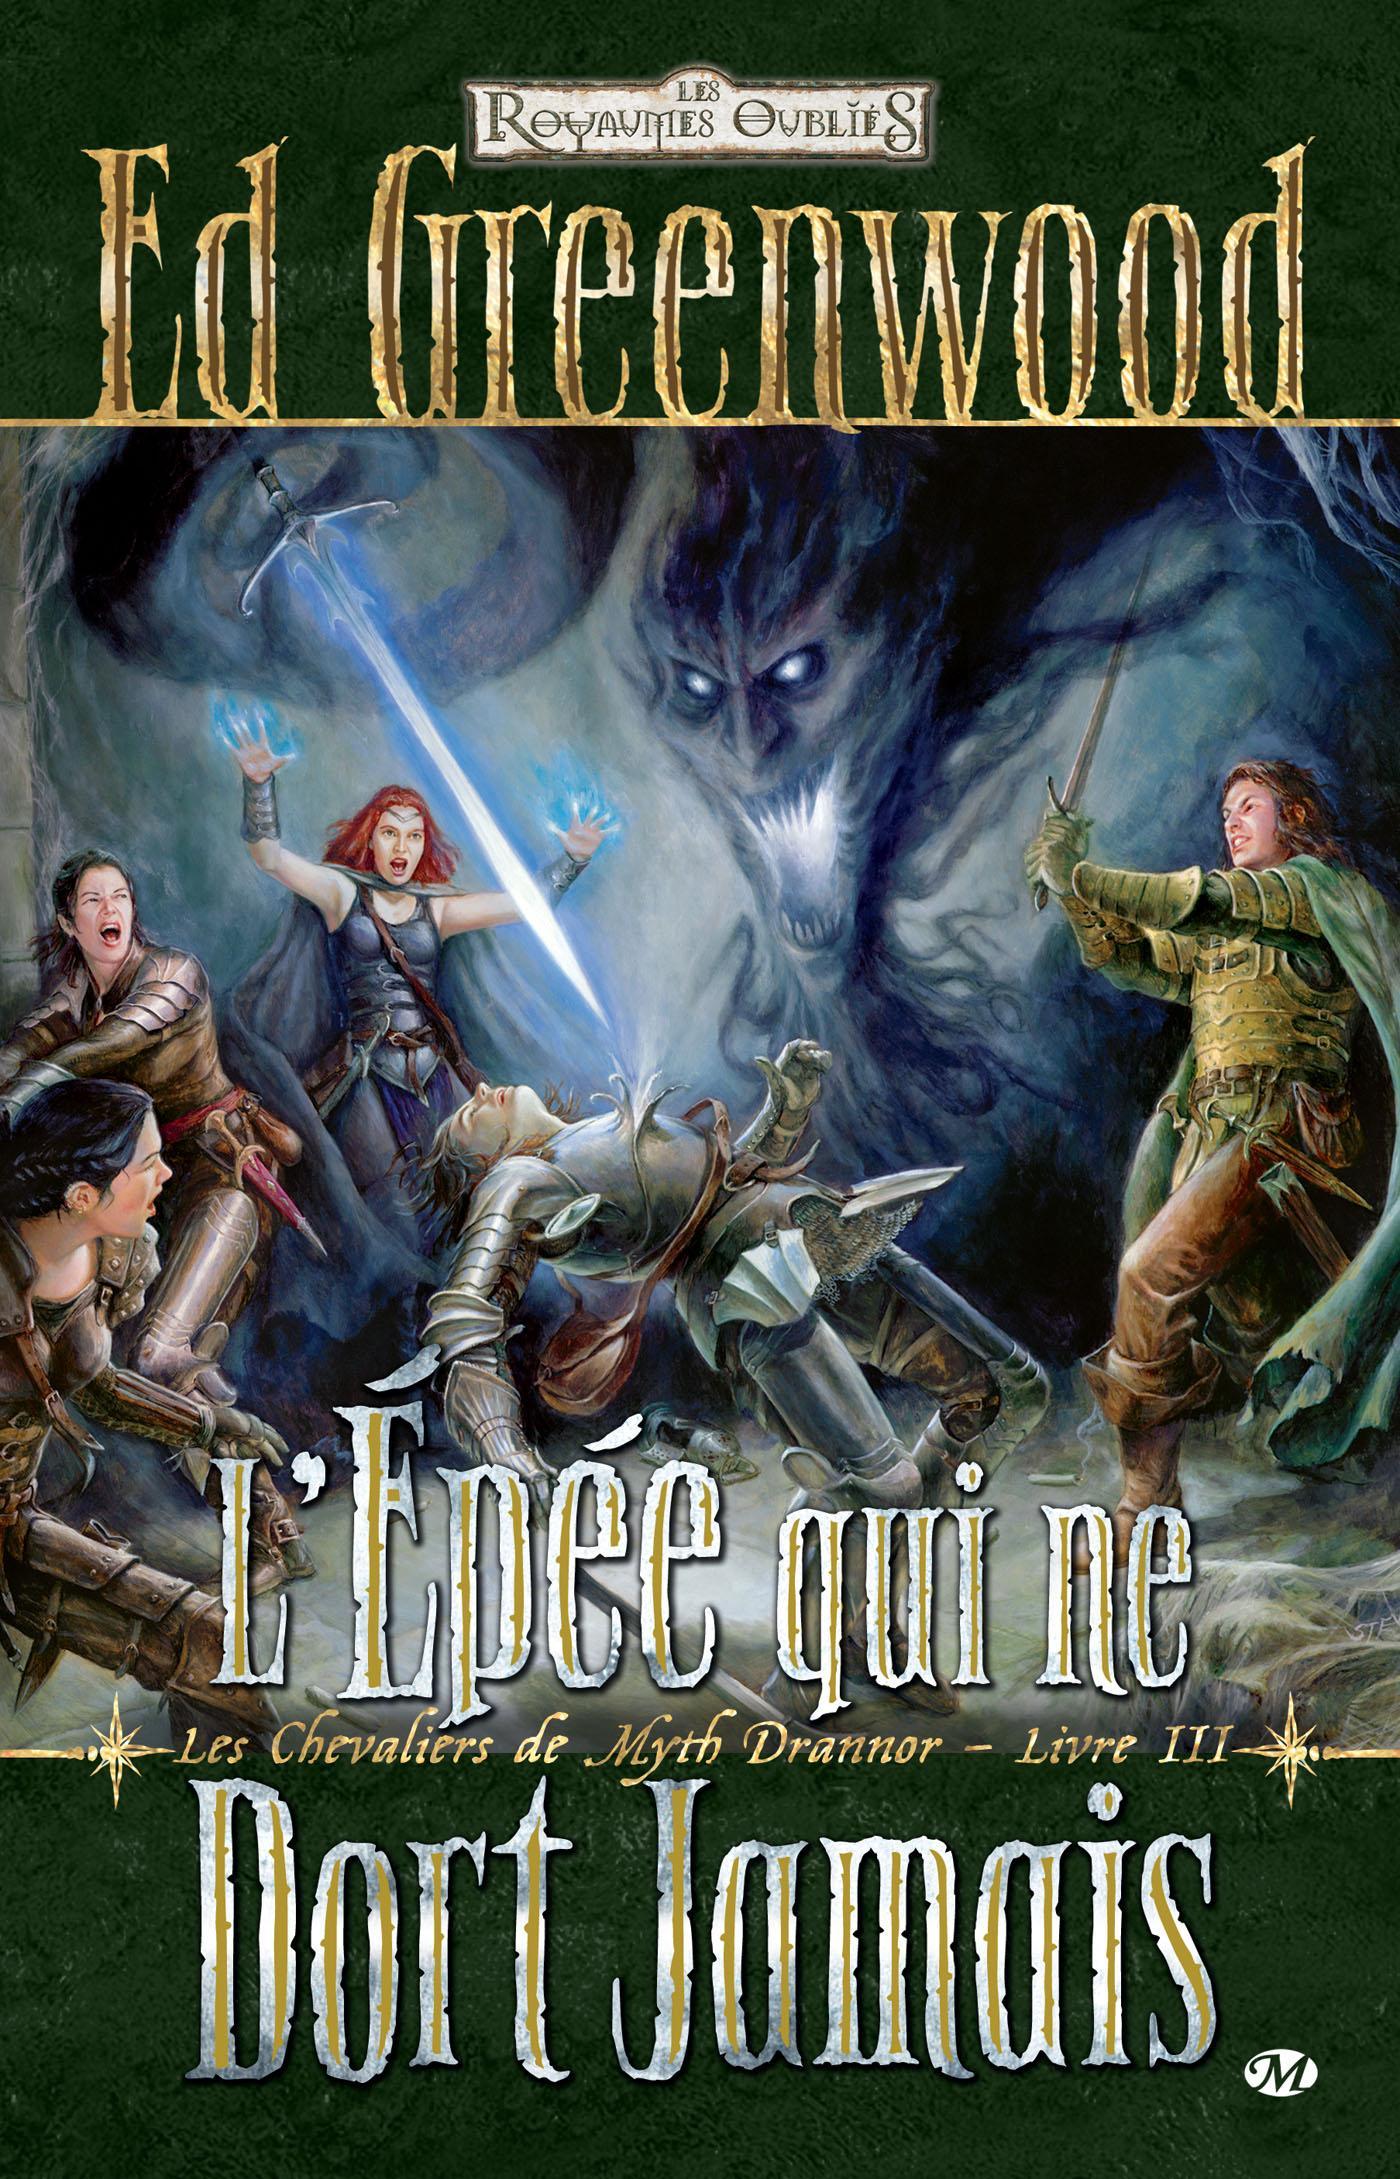 L'épée qui ne dort jamais, LES CHEVALIERS DE MYTH DRANNOR, T3